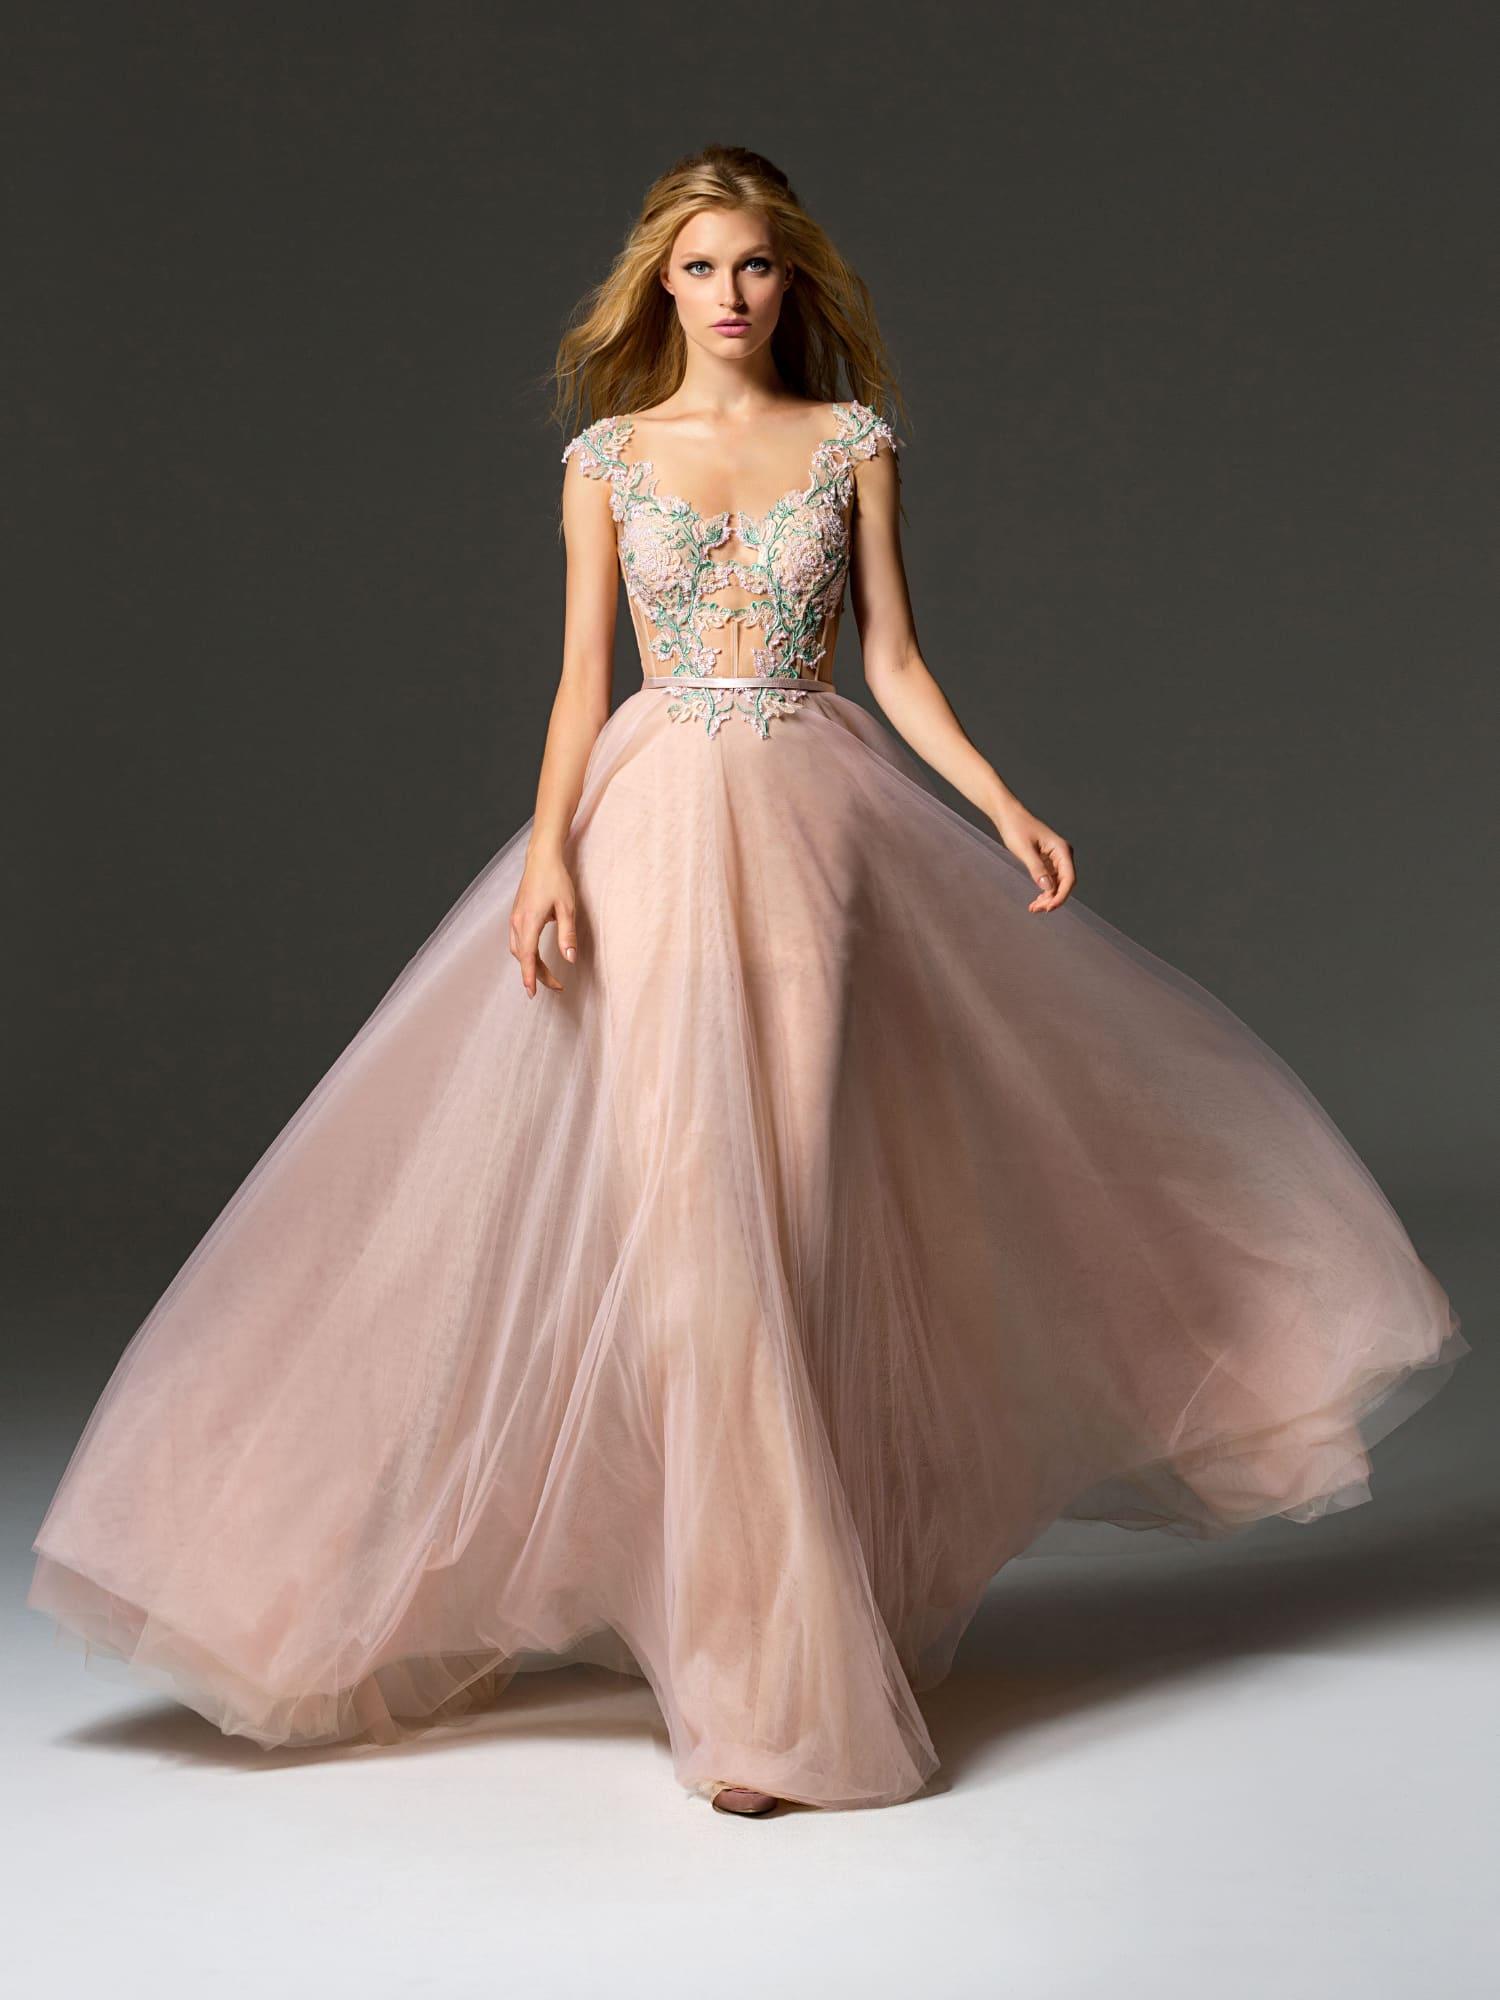 cd4f33de10f5a70 Вечернее платье розового цвета с зеленым кружевом и многослойной юбкой.